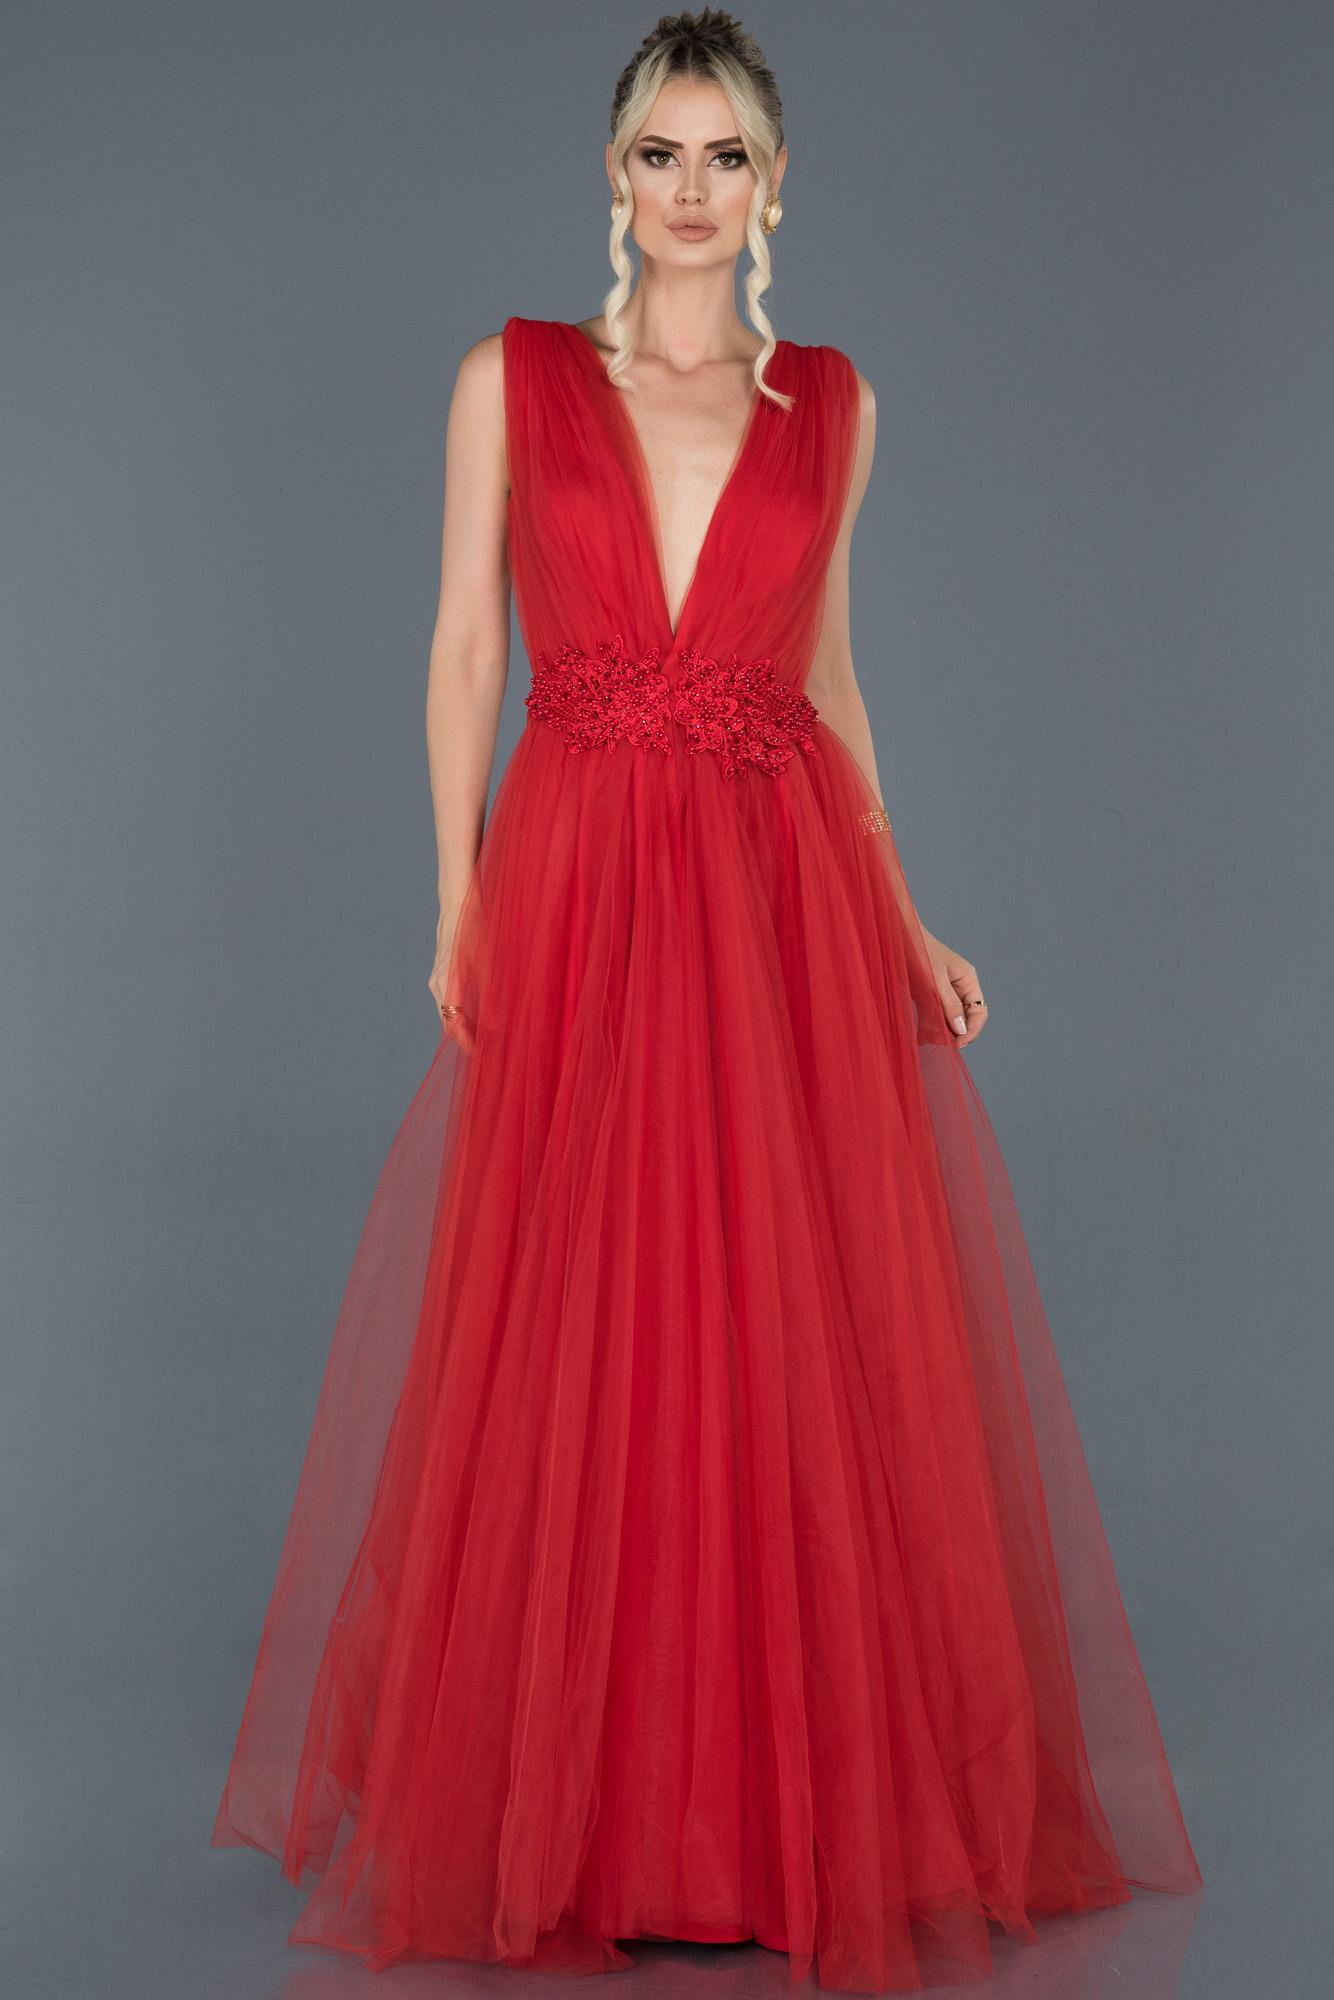 Kırmızı Uzun Göğüs Dekolteli Tül Abiye Elbise